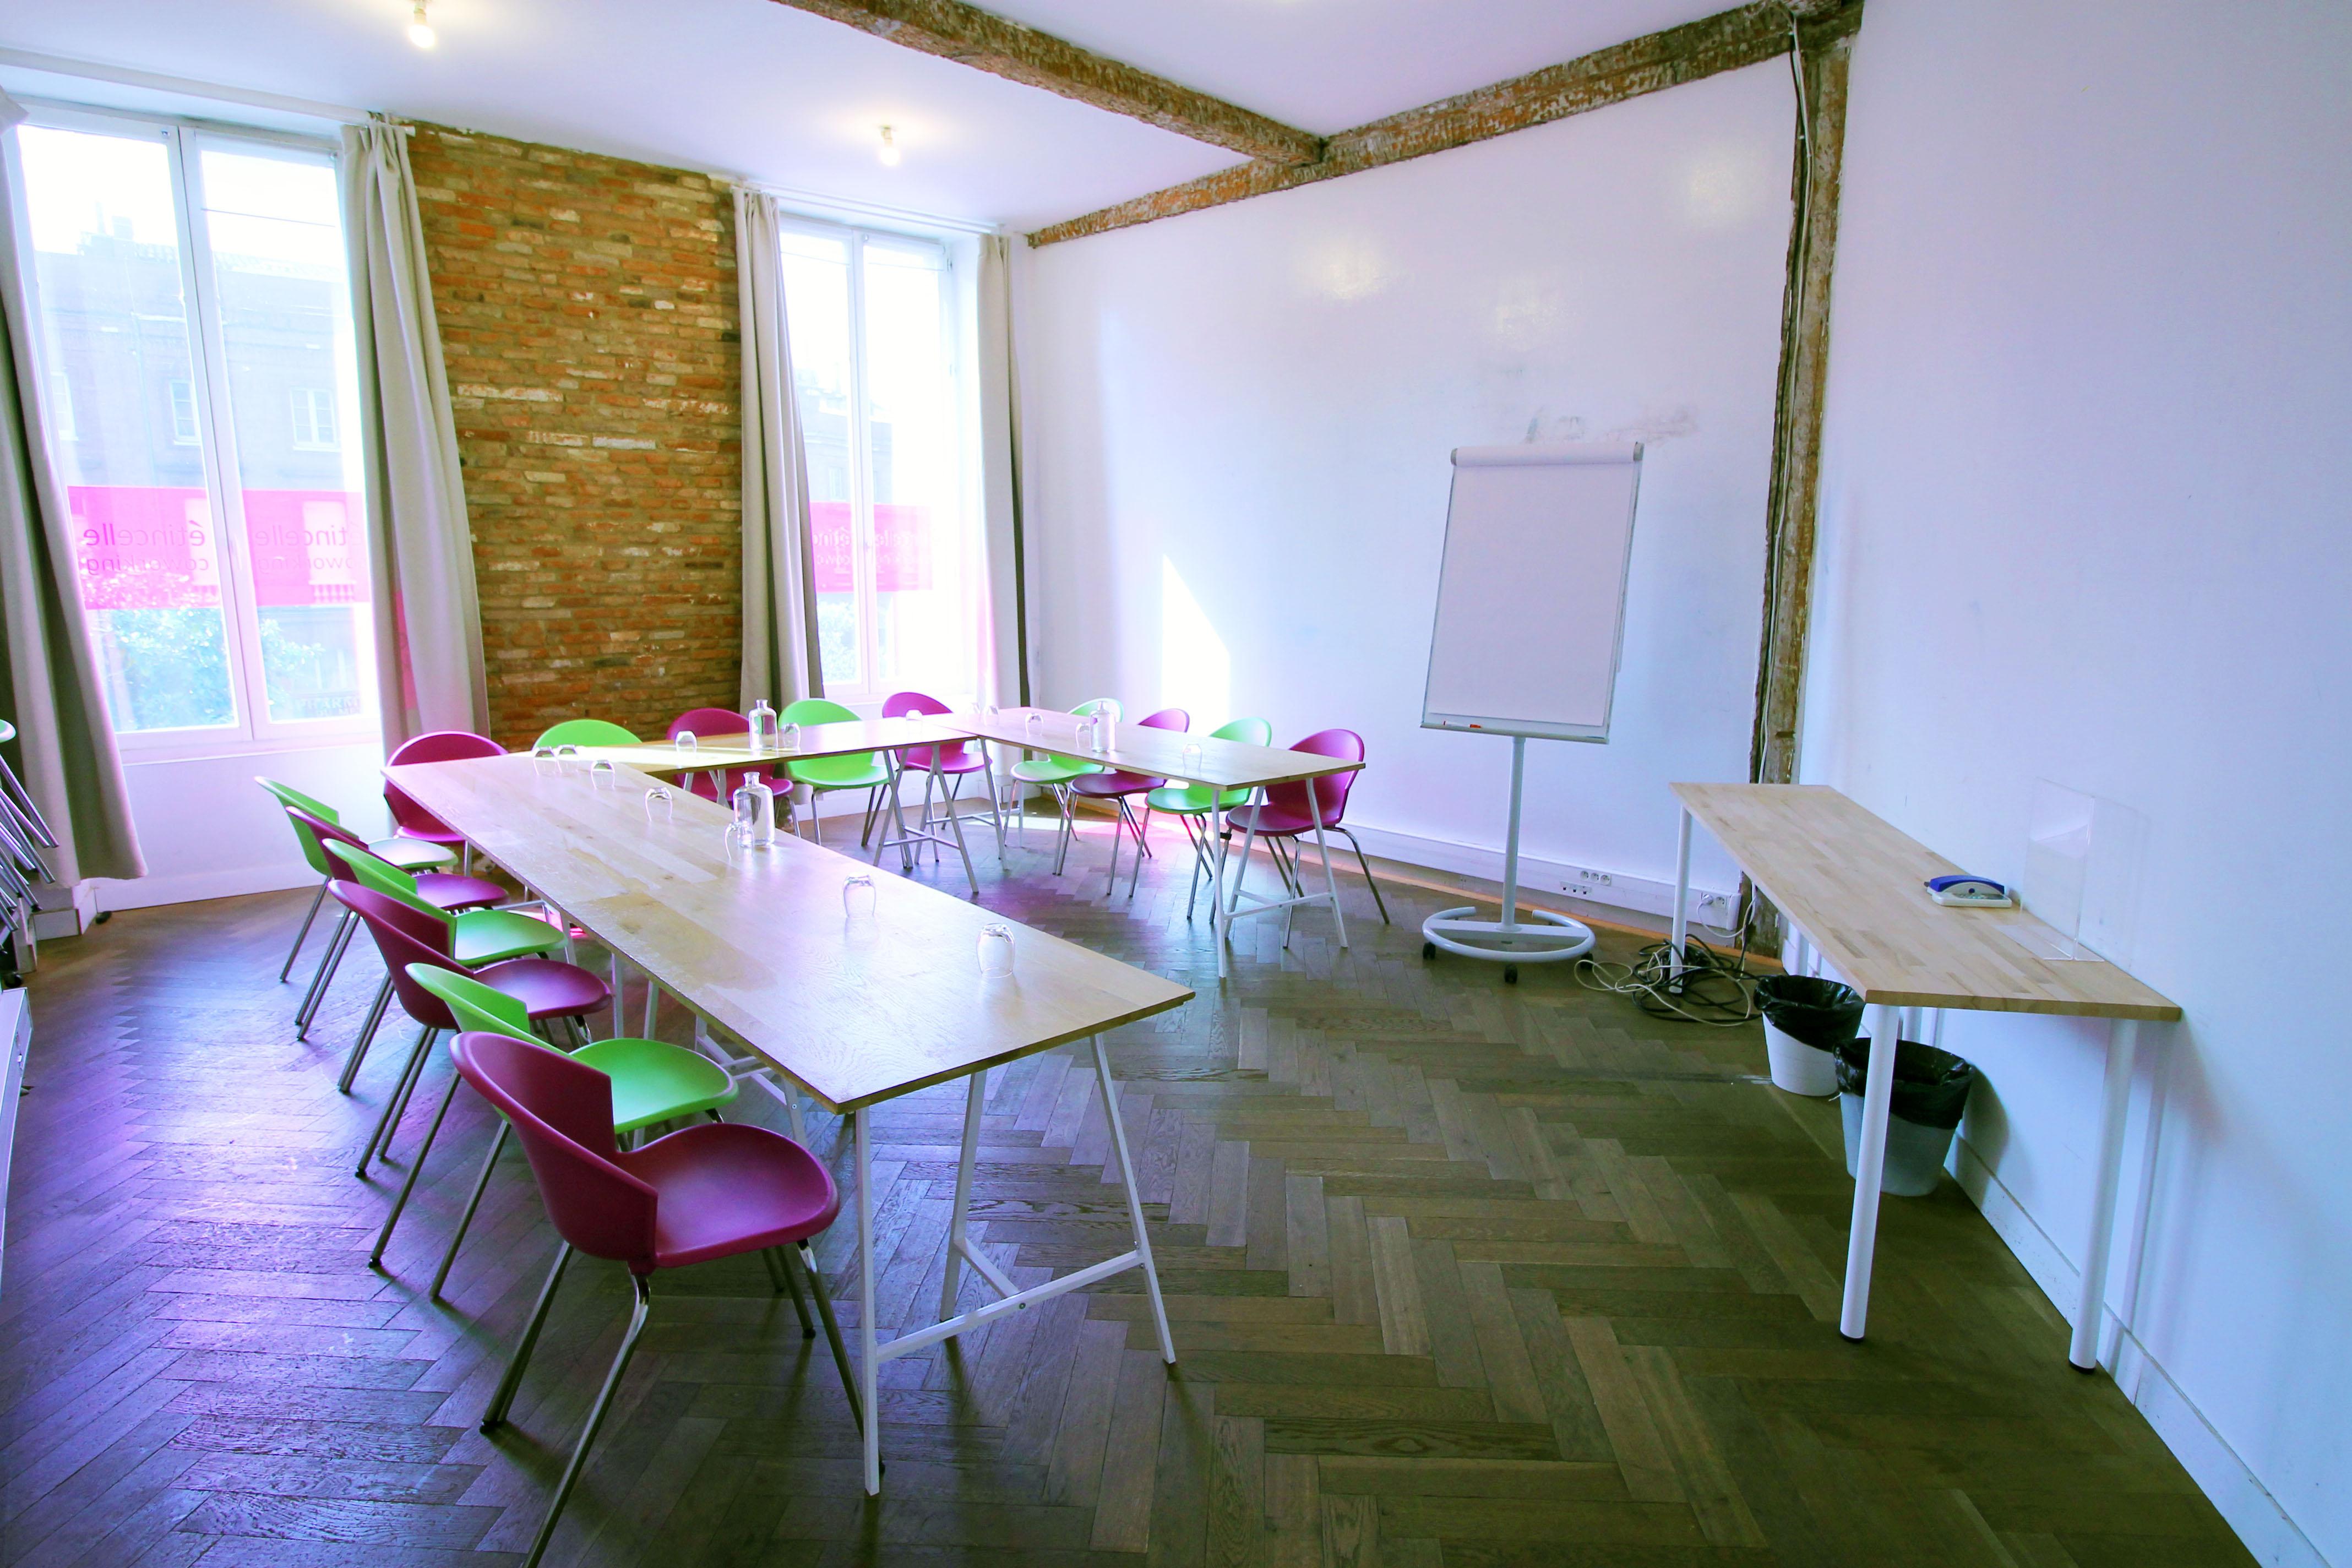 Configuration pour une réunion avec beaucoup de protagonistes